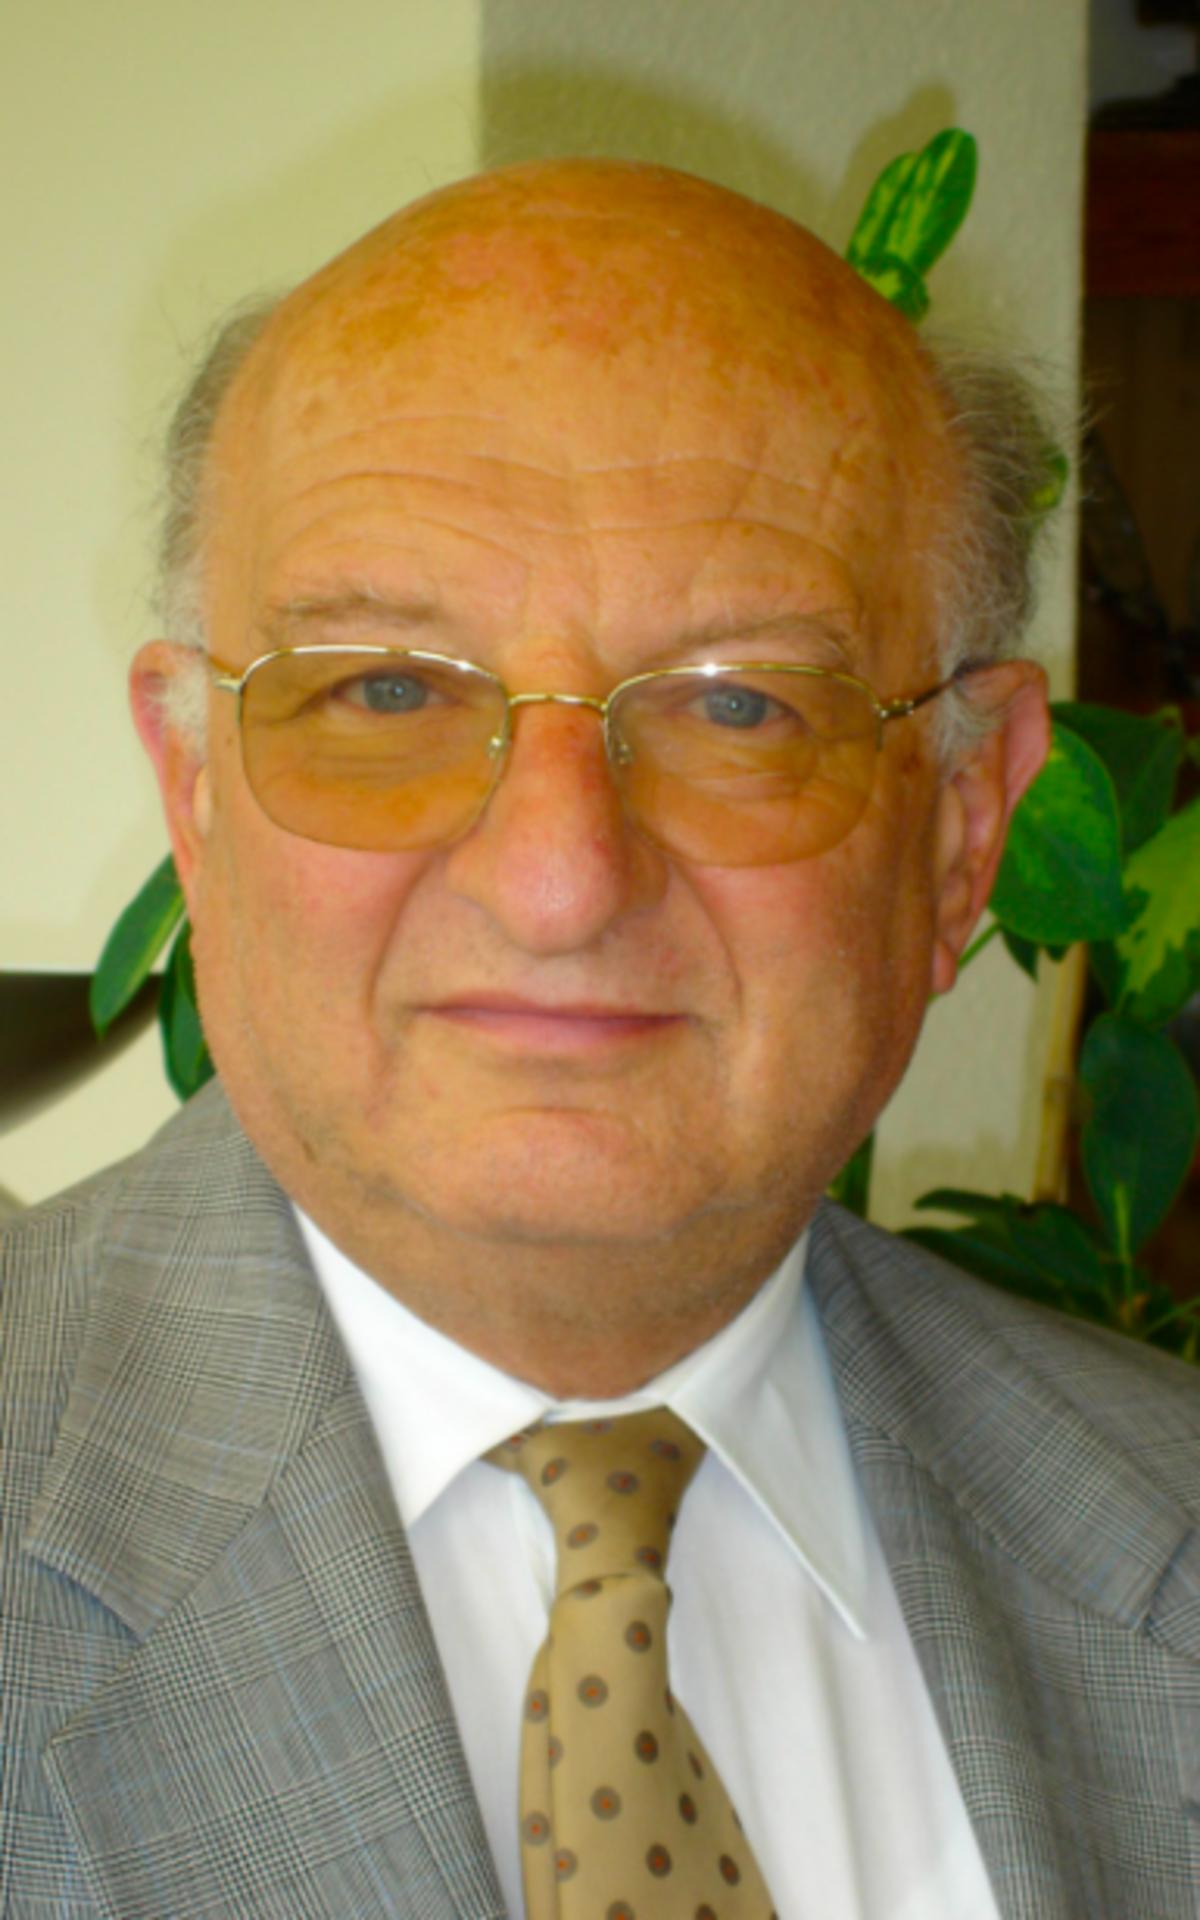 Bruder Harry Merl hat ehrenamtlich in vielen Berufungen der Kirche gedient, darunter als Bischof und Ratgeber in der Pfahlpräsidentschaft. Seit 2006 ist er zusammen mit seiner Frau Christine im Netzwerk für Familienberatung der Kirche im deutschsprachigen Raum tätig.